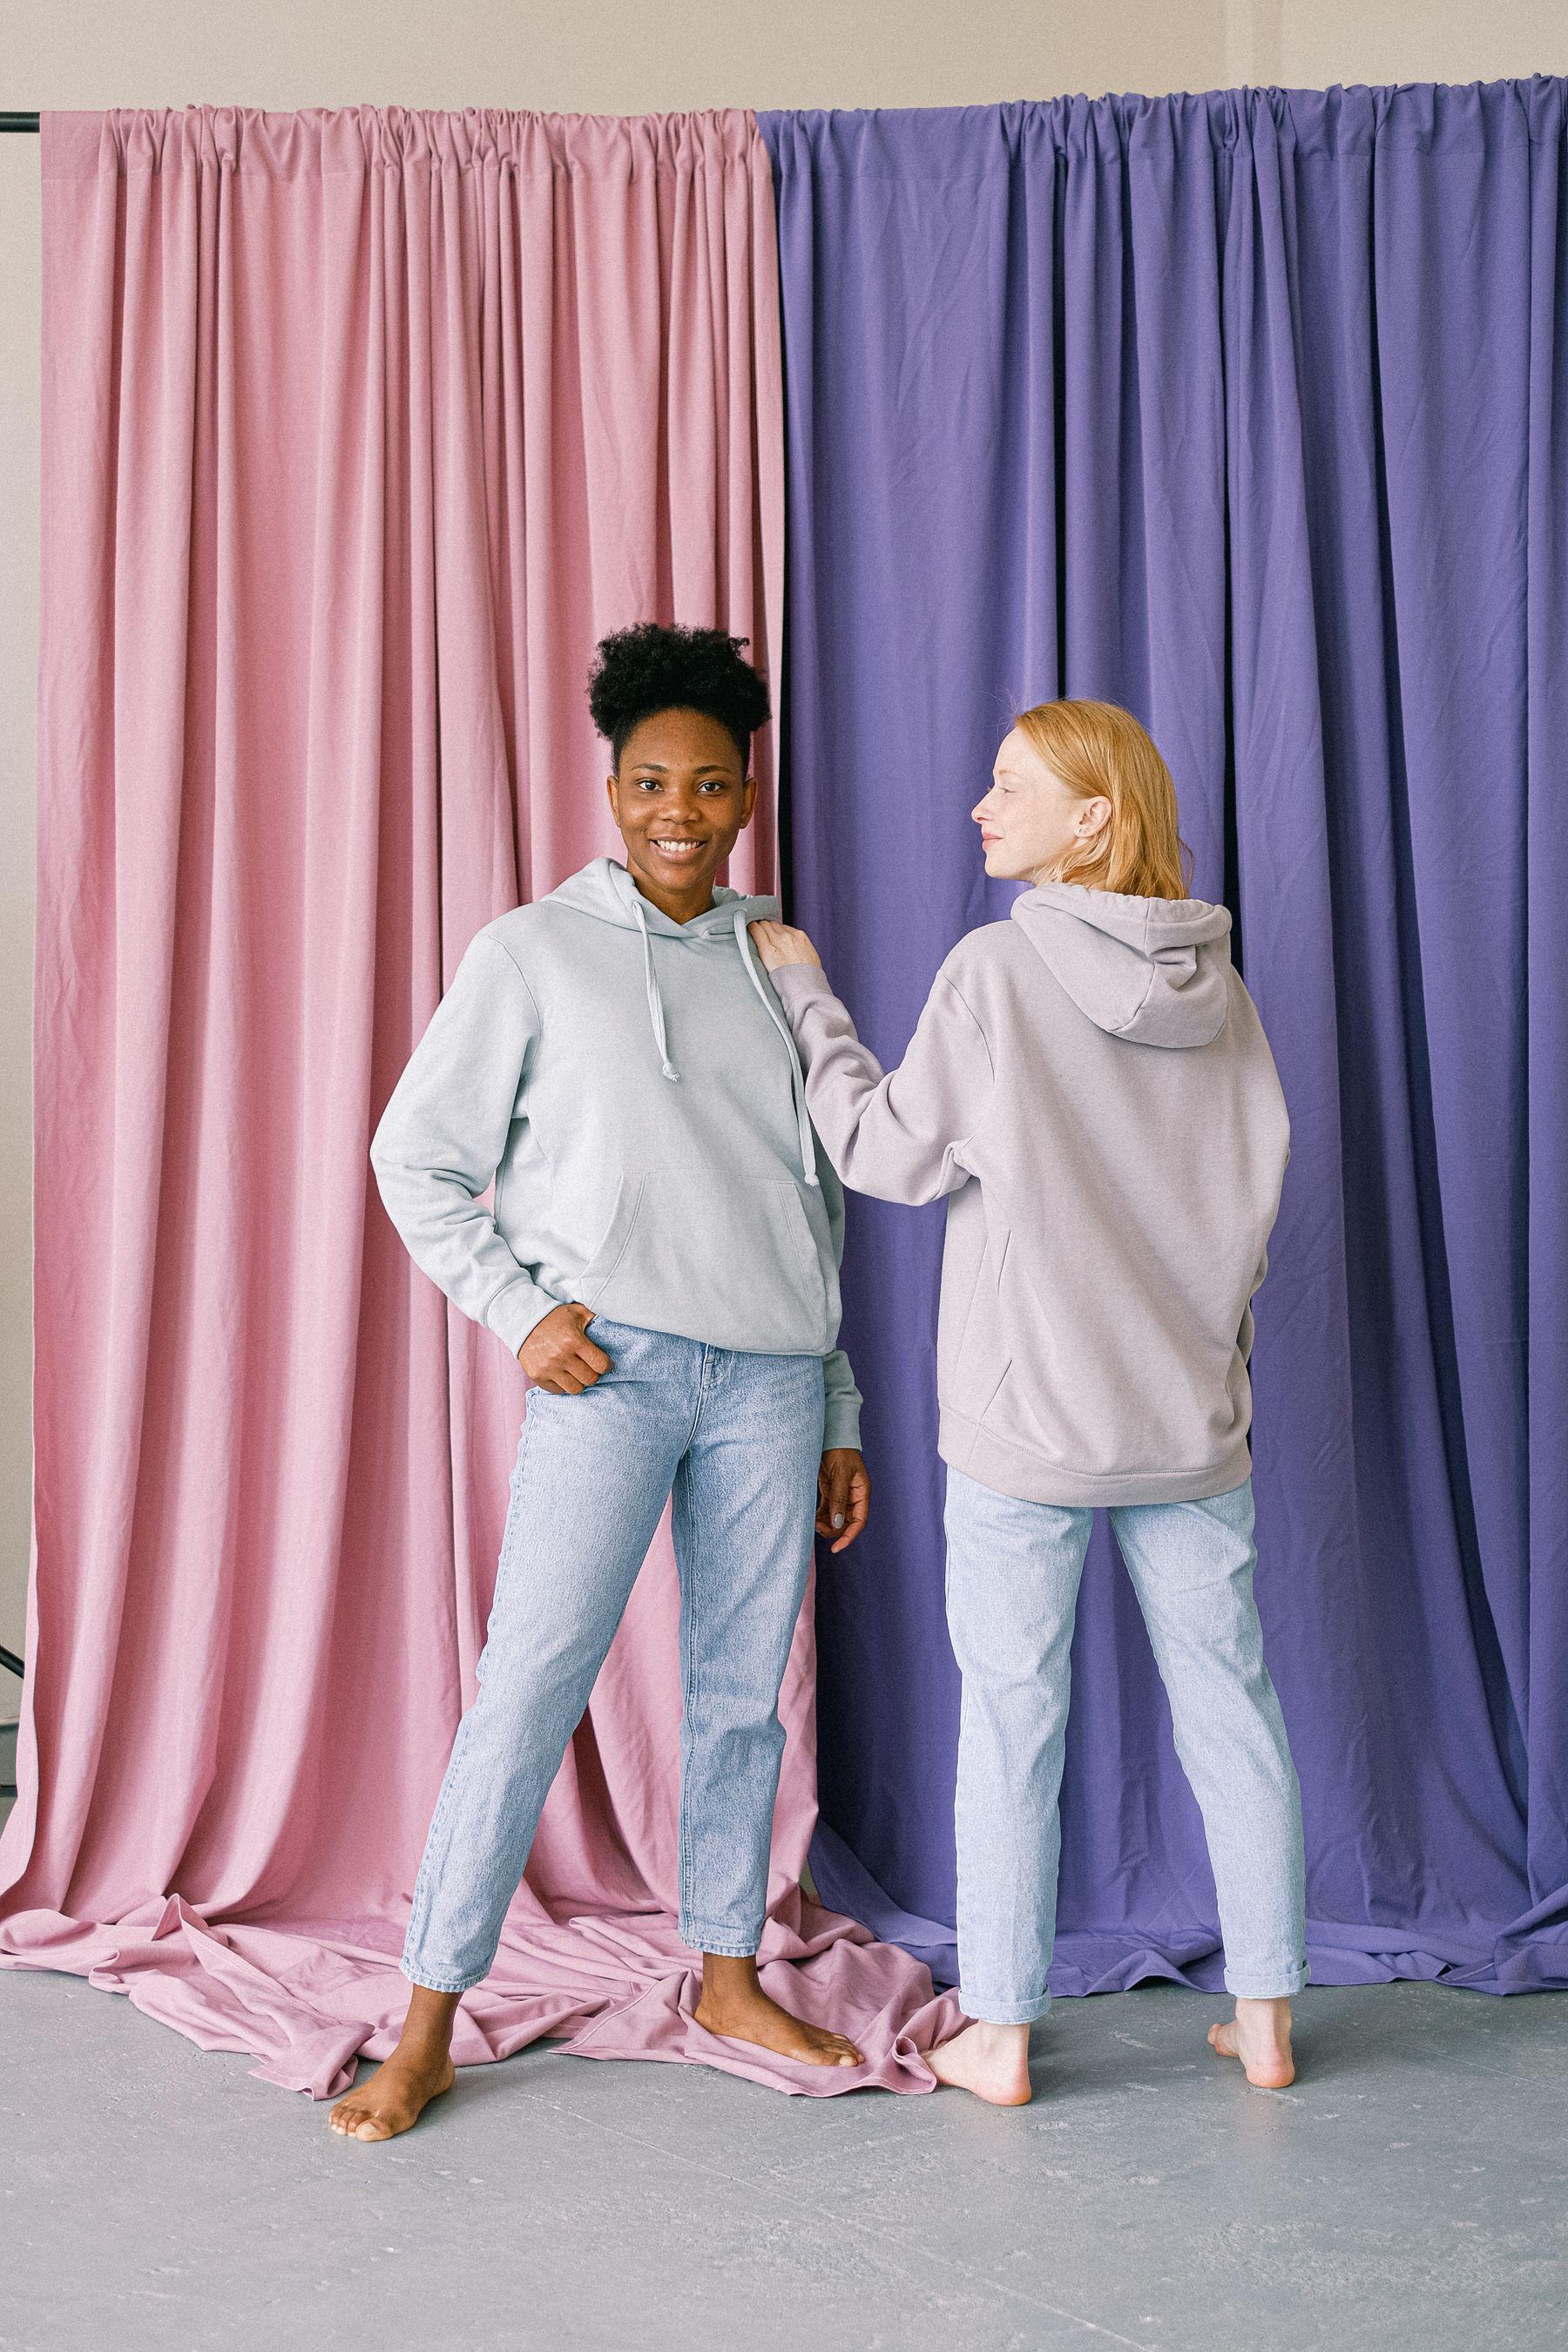 Áo hoodie là sự lựa chọn tuyệt vời cho các bạn nữ có thân hình gầy | Cleanipedia